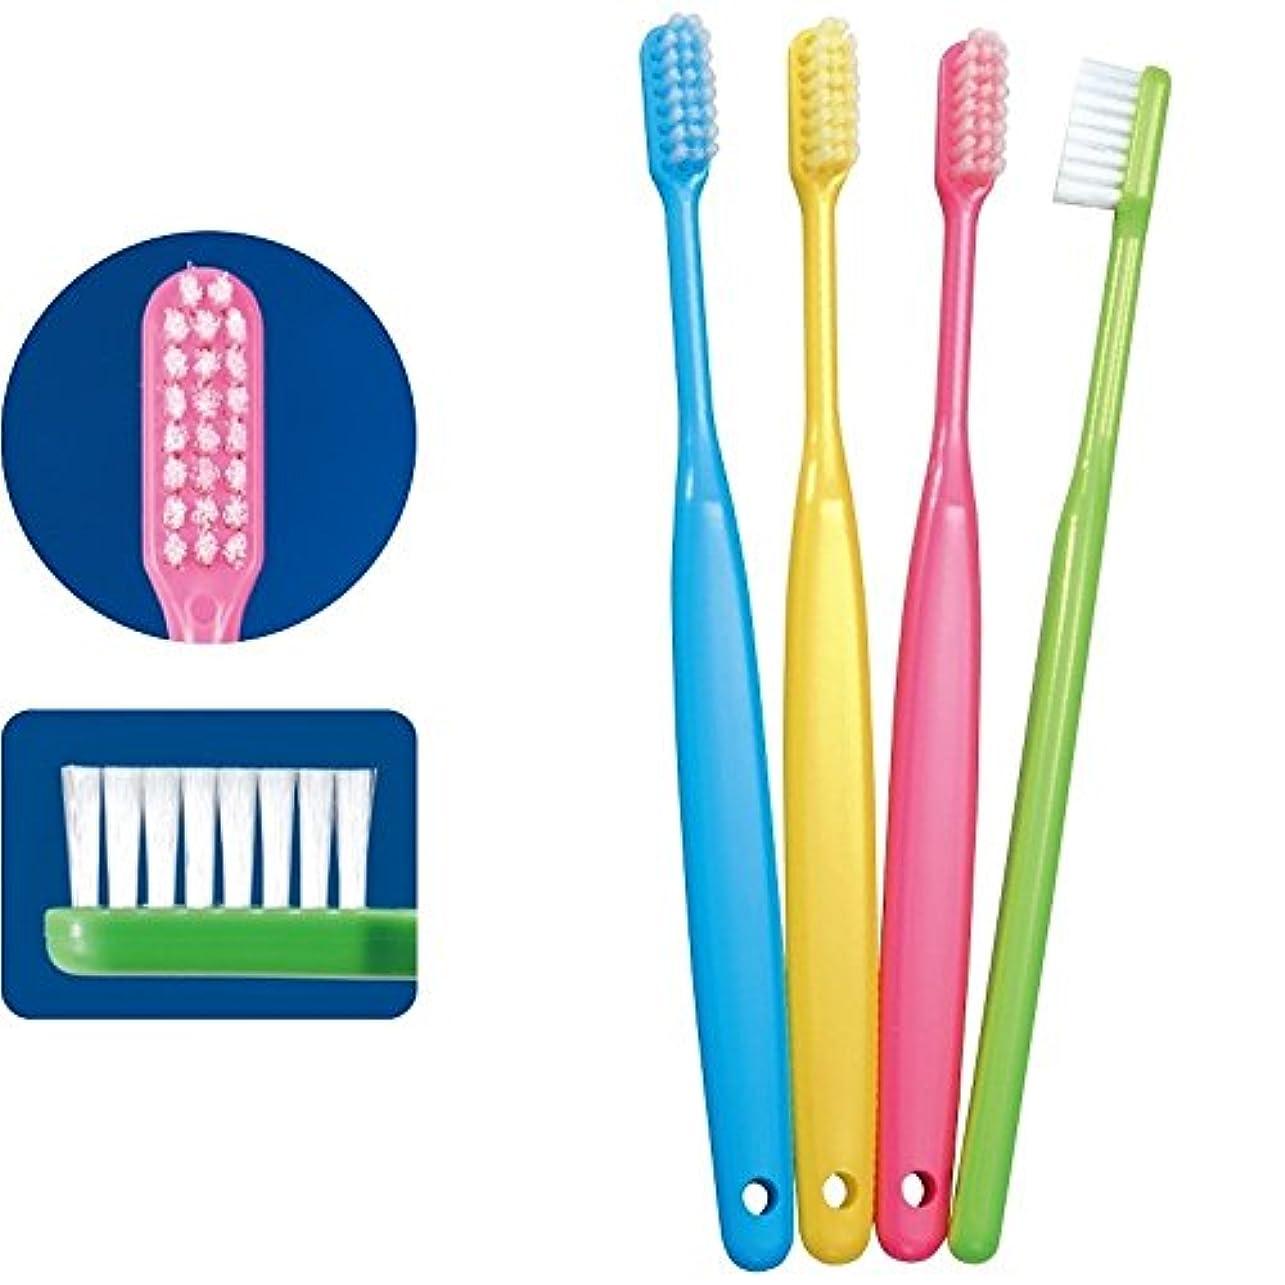 方法論うがい薬期限歯科医院専売 Ci バリュー 歯ブラシ M(ふつう) 4色アソート (12本)